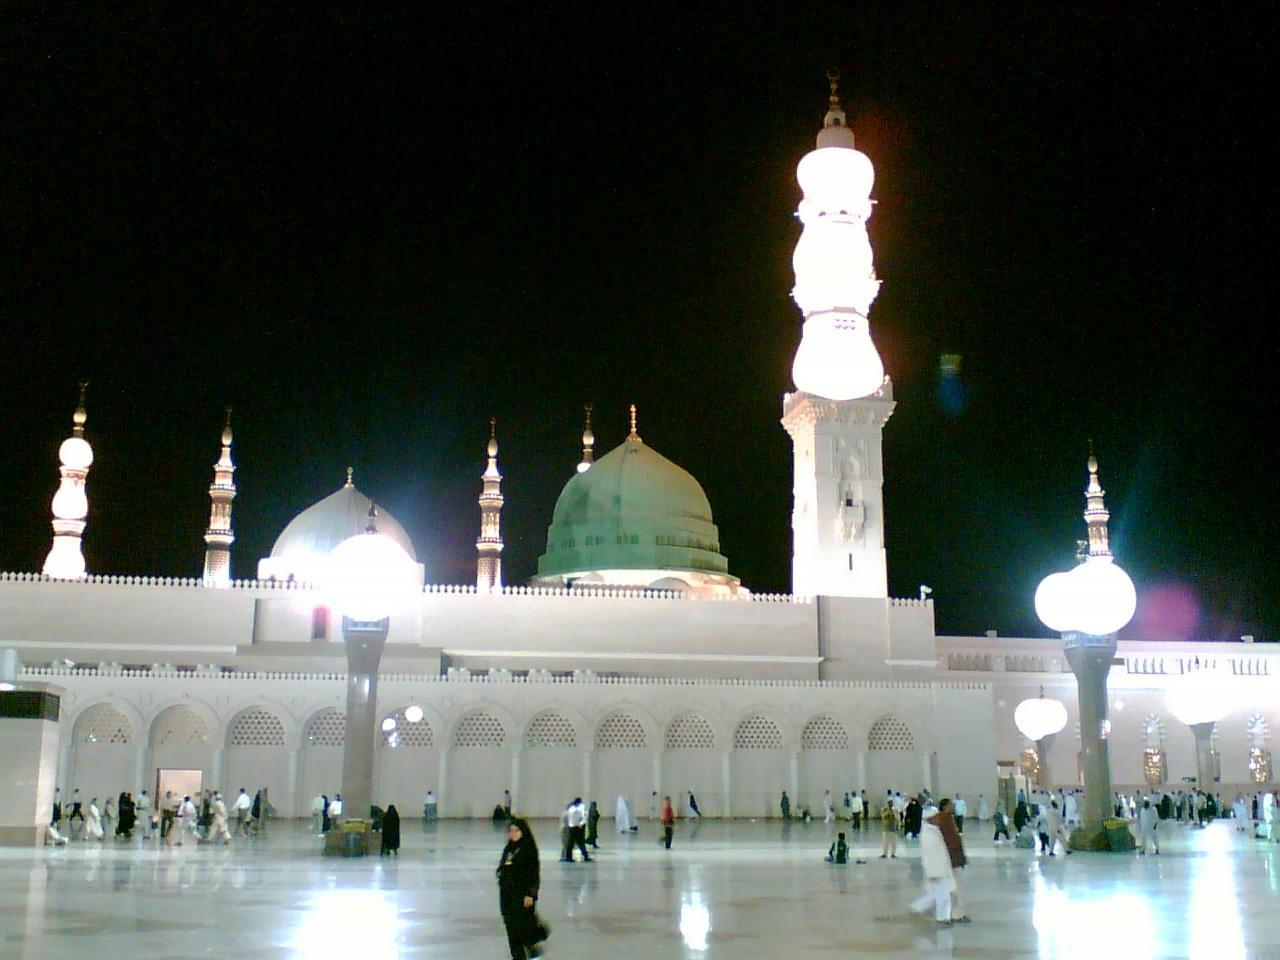 http://2.bp.blogspot.com/-MDN2Nw9_J0o/UCtfPS3XcWI/AAAAAAAAAHk/EnhqD098QZ0/s1600/light+of+Islam+Madina.jpg